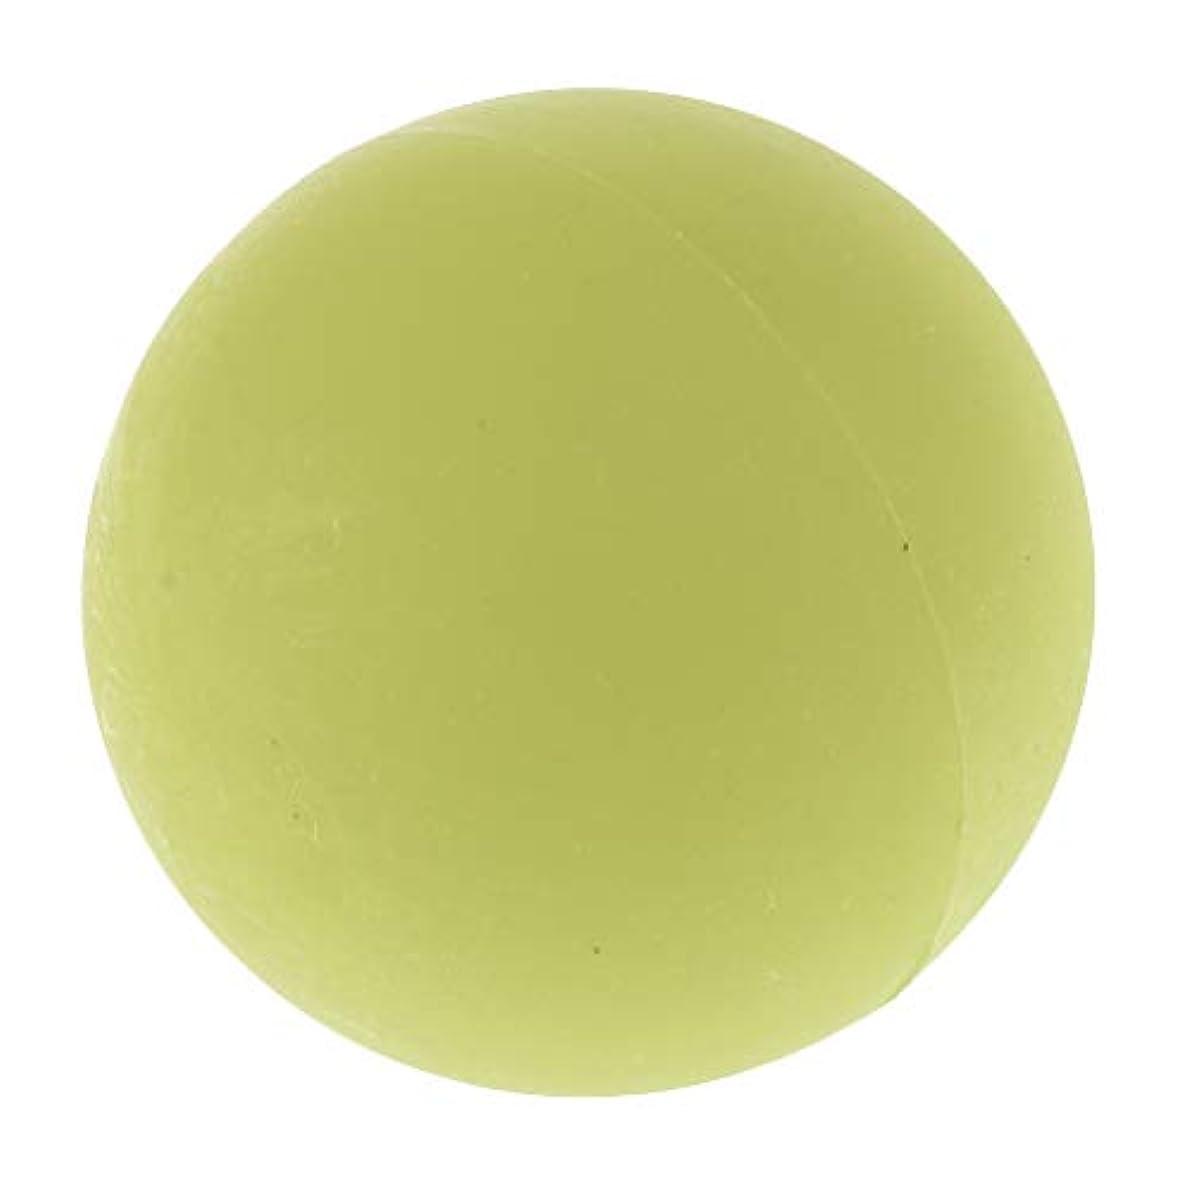 衛星光景広告chiwanji エクササイズ 筋膜リリース マッサージボール トレーニングボール ソフトボール ツボ押しグッズ 全4色 - 緑